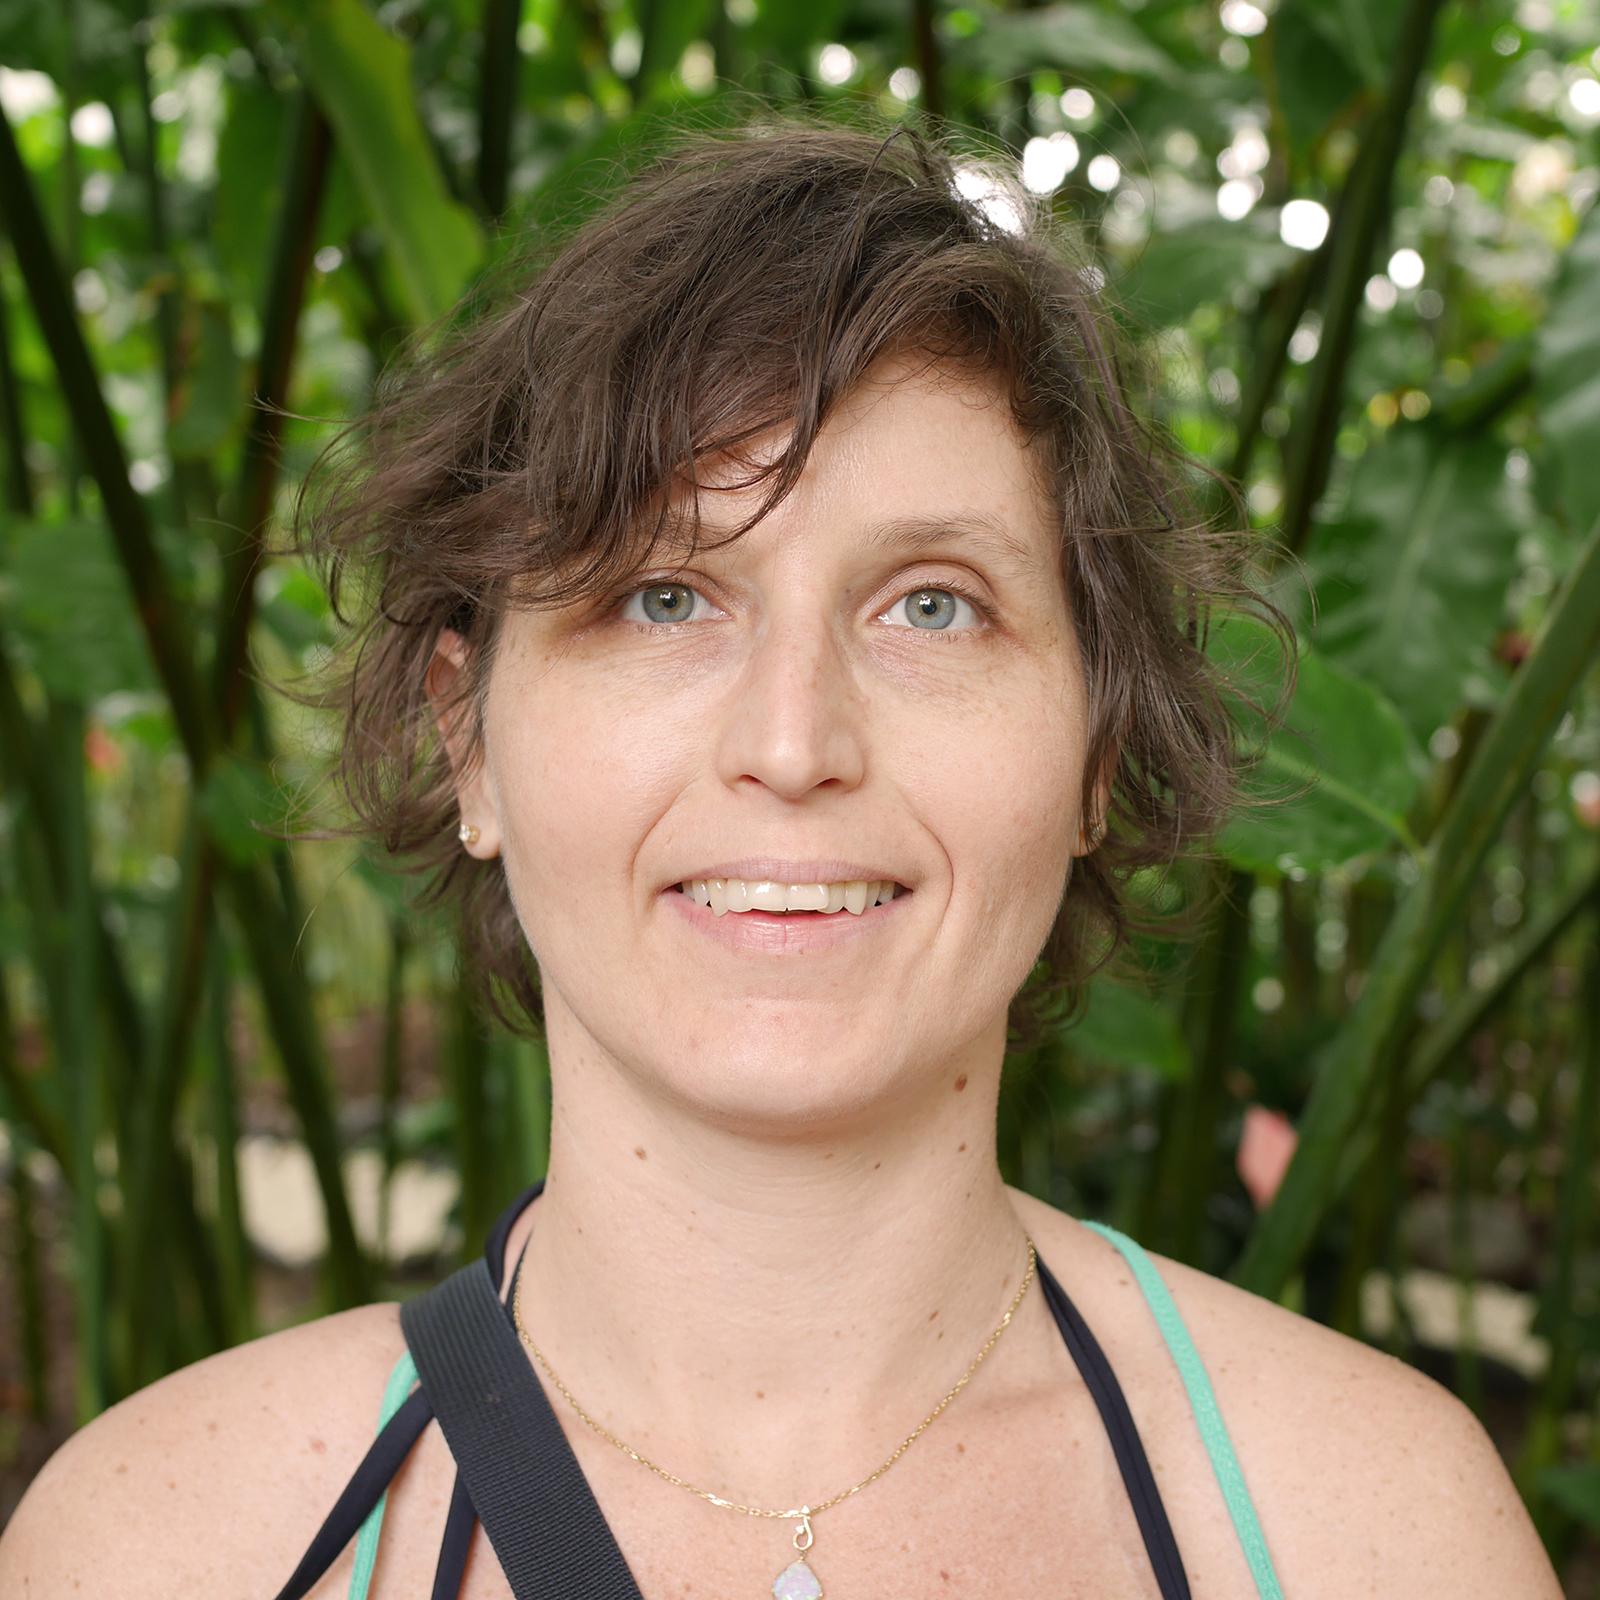 Portrait de Loetitia Monge format carré